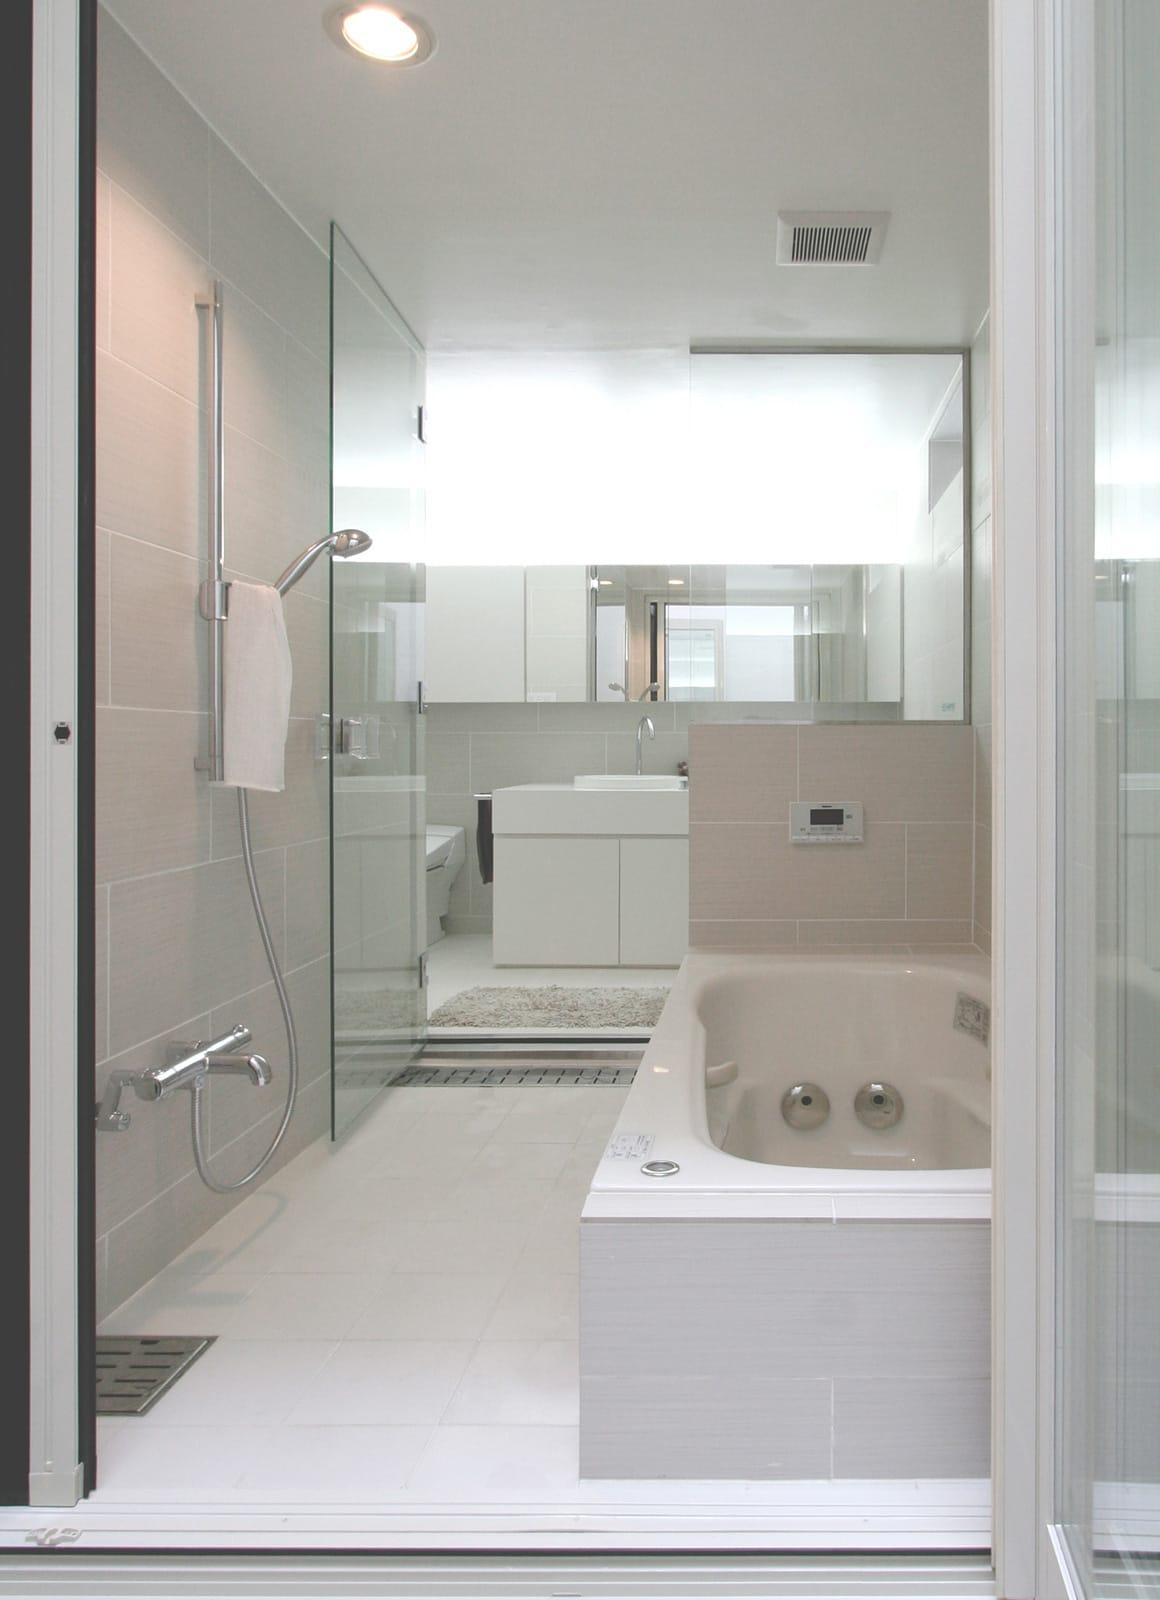 インナーテラスのある明るい住宅の浴室・洗面室1